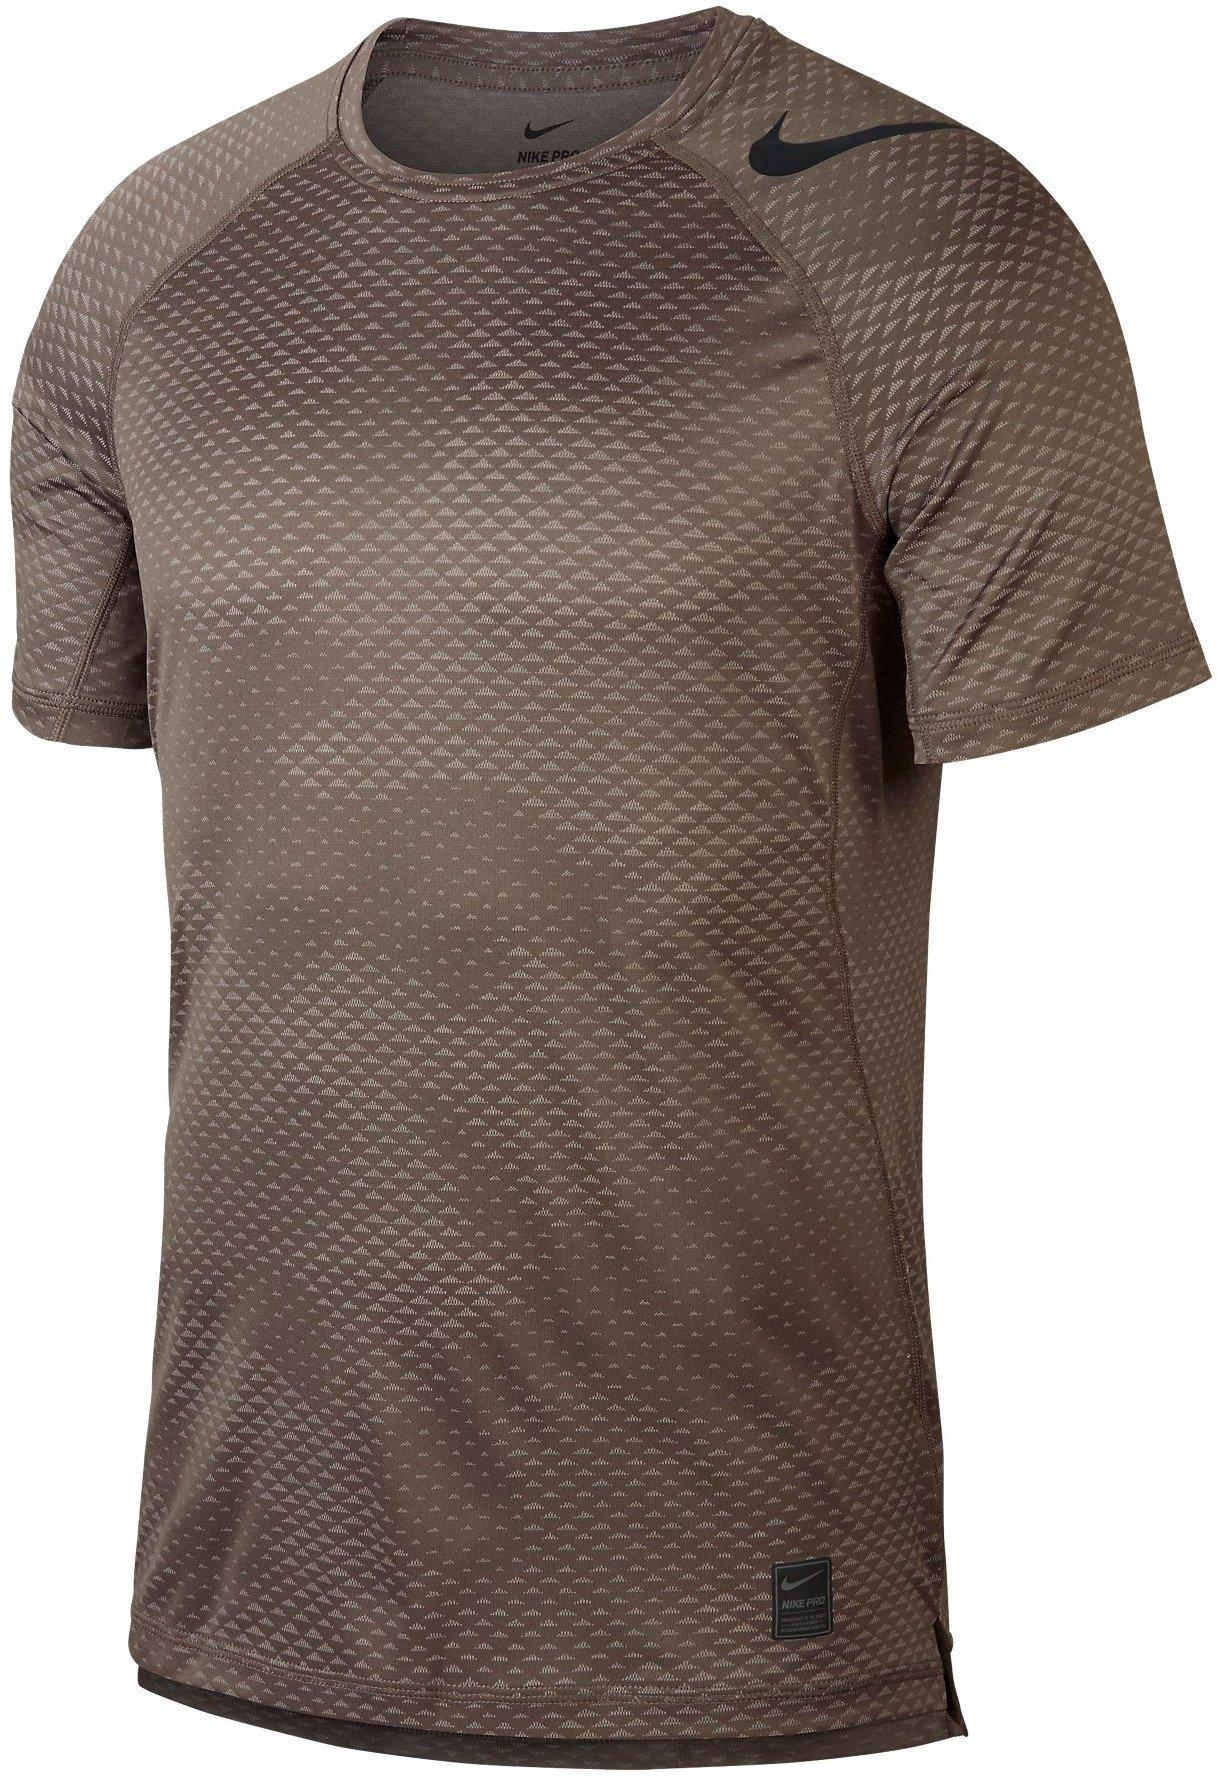 90bbc411f015 Tričko Nike M NP HPRCL TOP SS FTTD CAMO